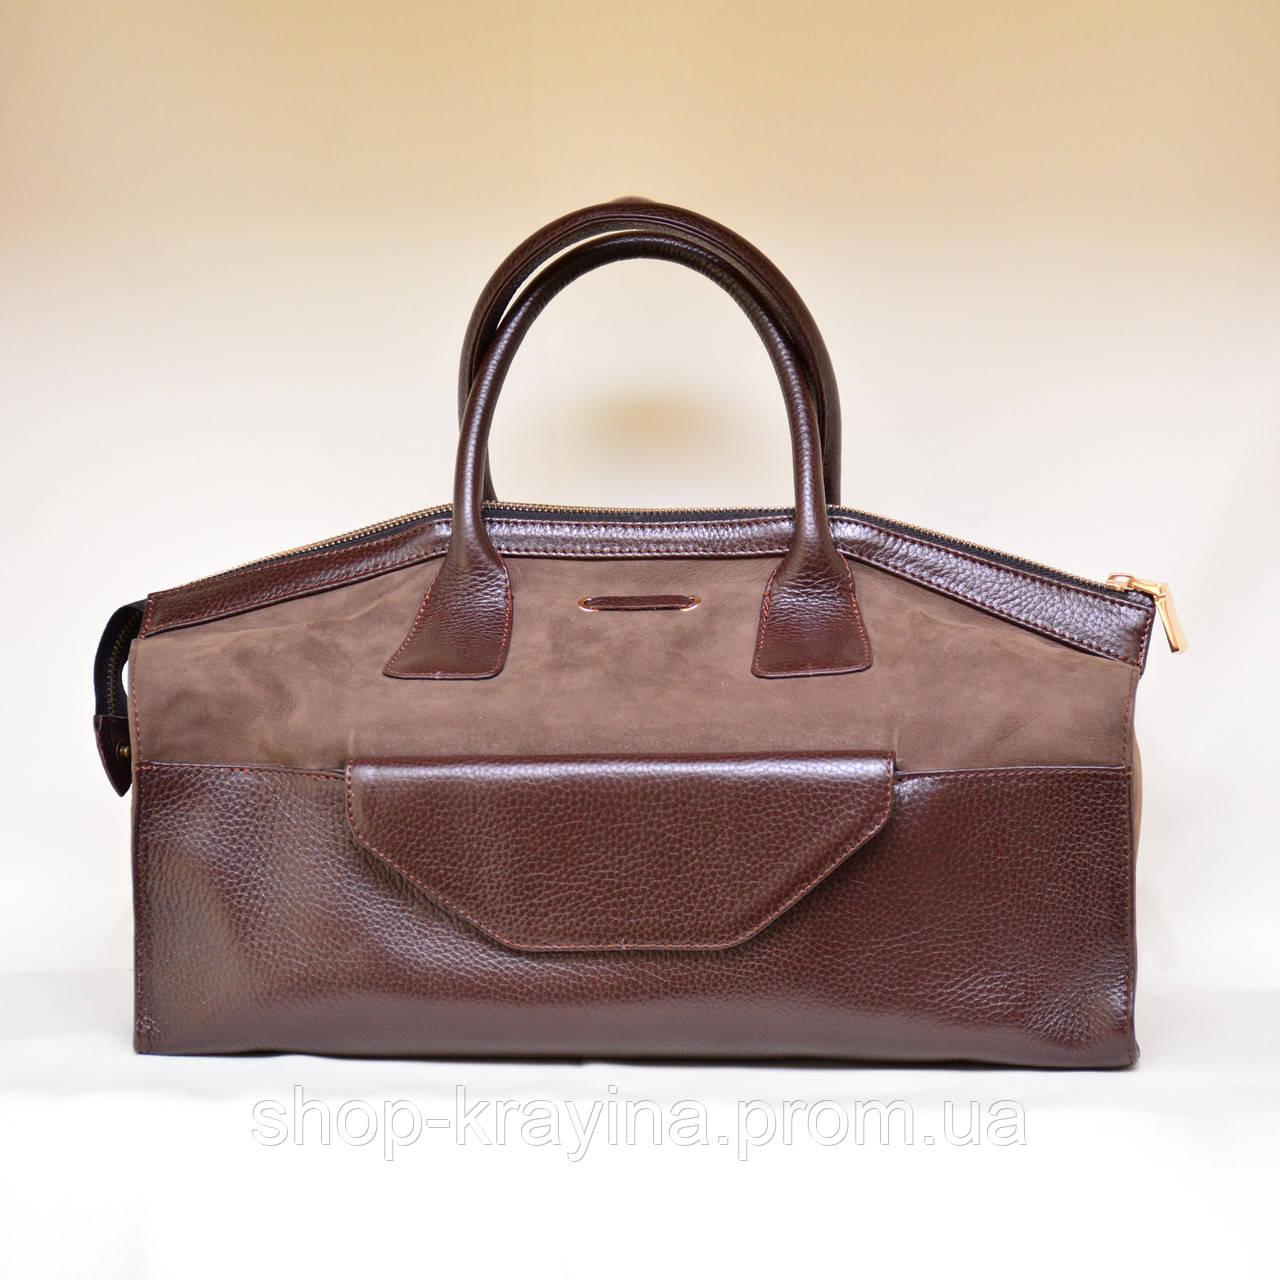 Кожаная сумка VS101 brown 38х20х18 см